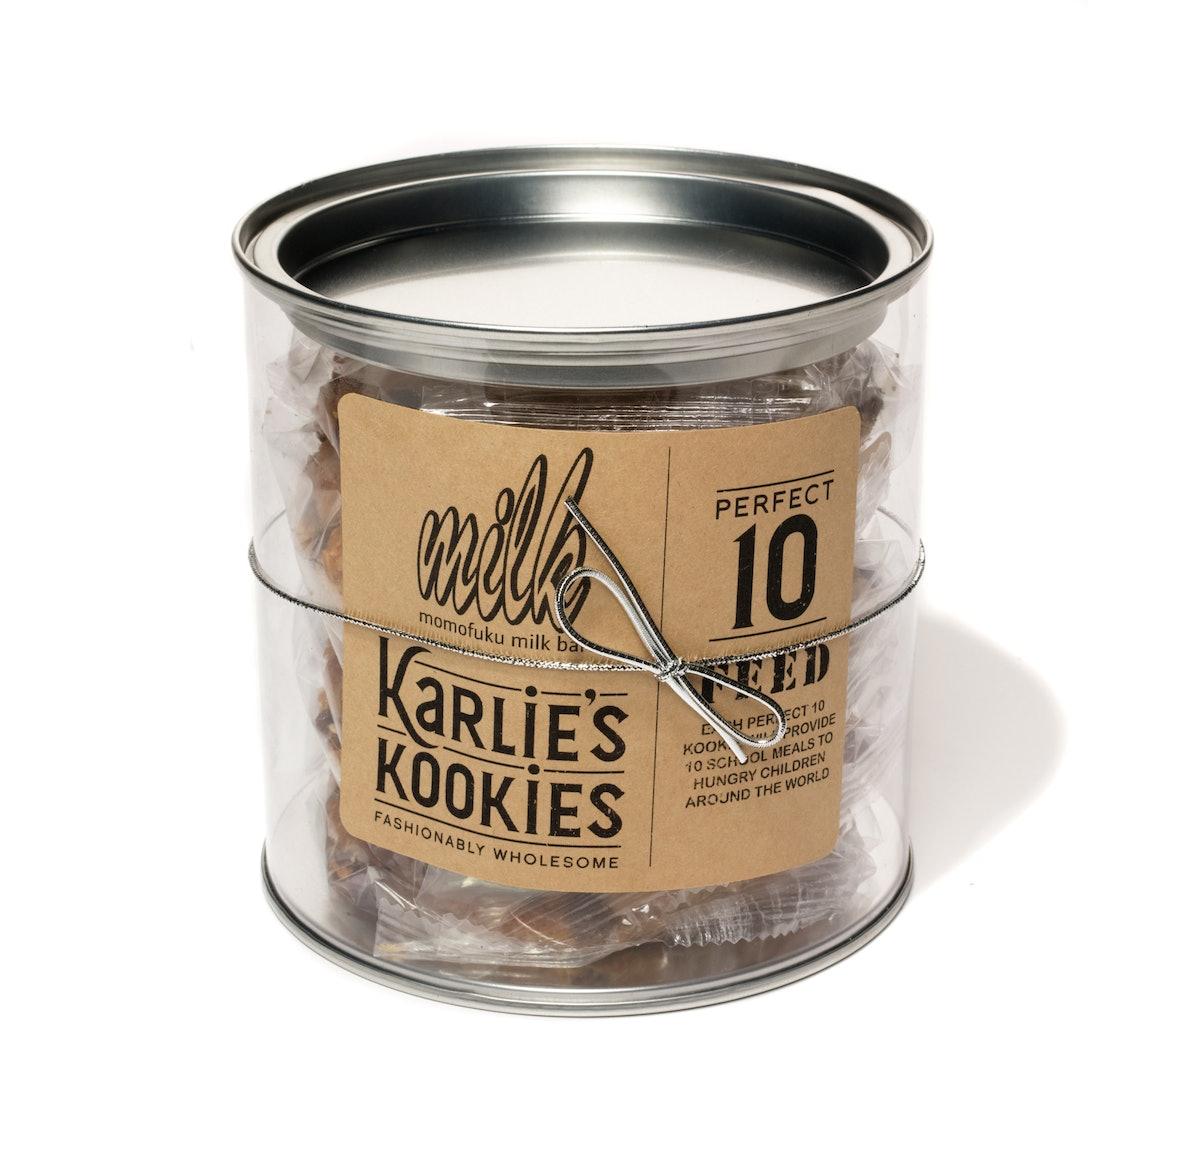 Karlie's Kookies by Momofuku Milk Ba